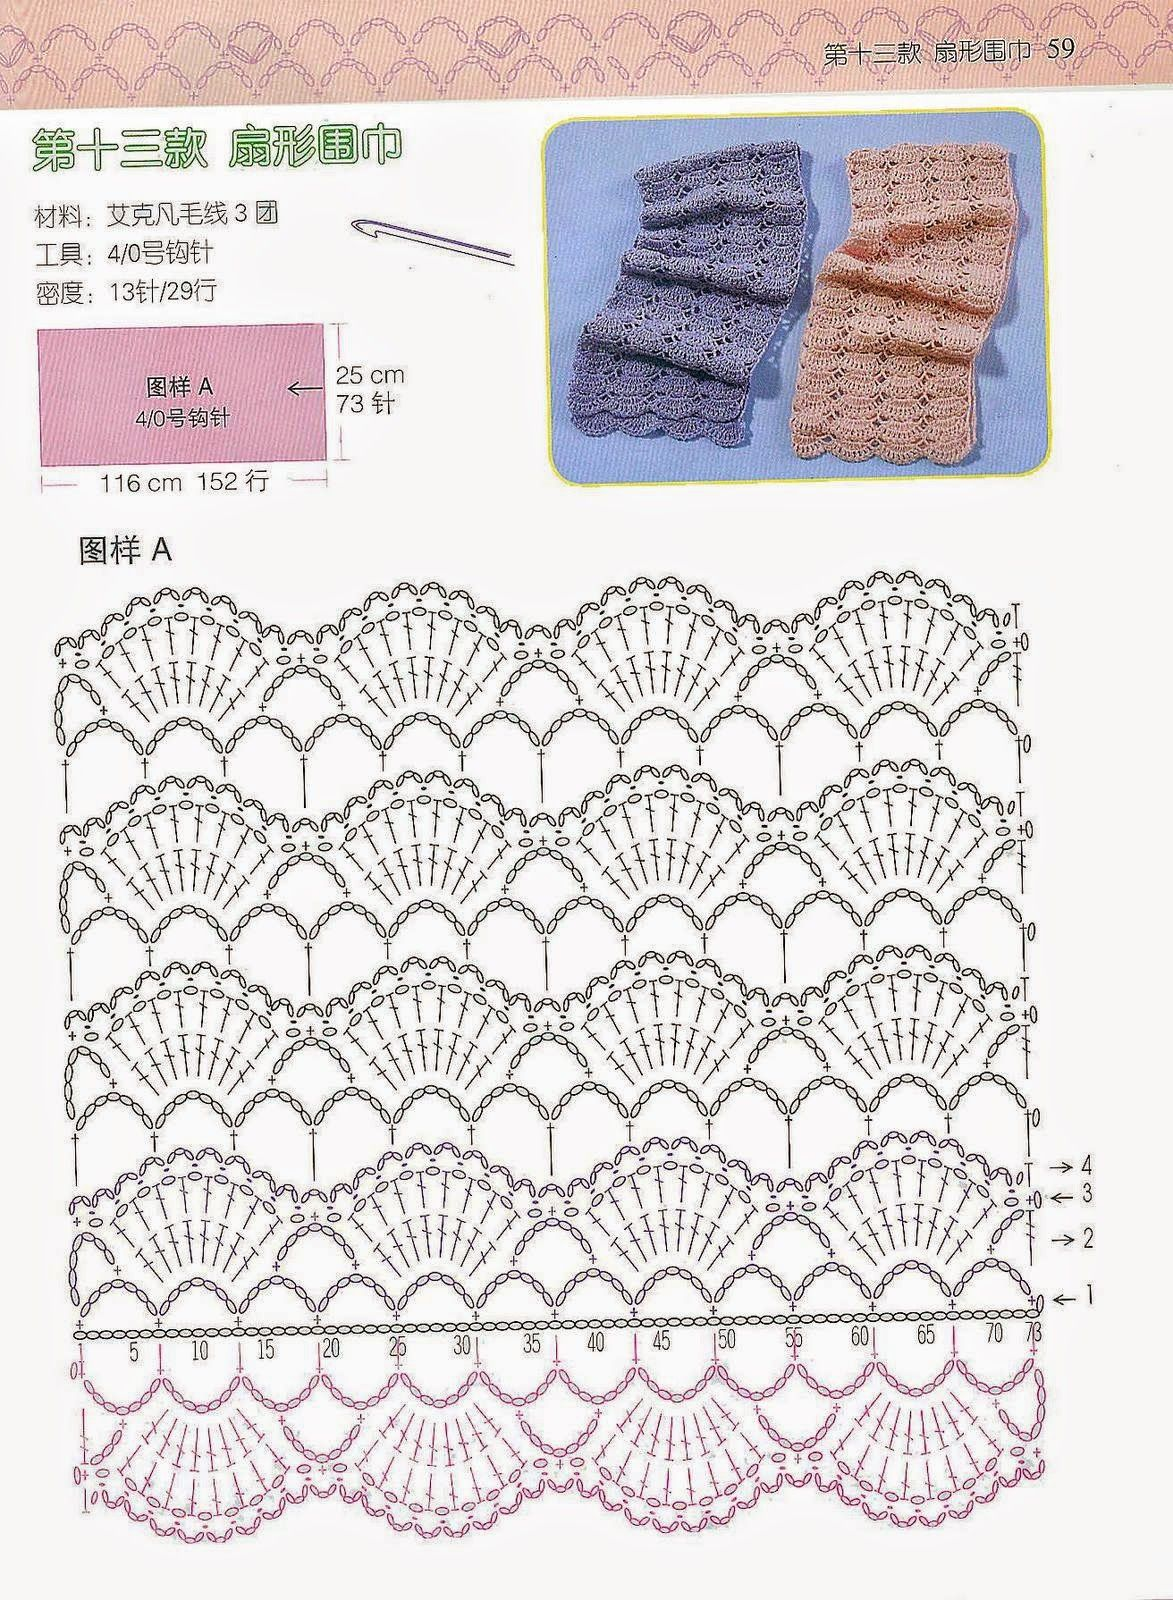 Butterfly Creaciones: accesorios para el cuello | Patrón de ...